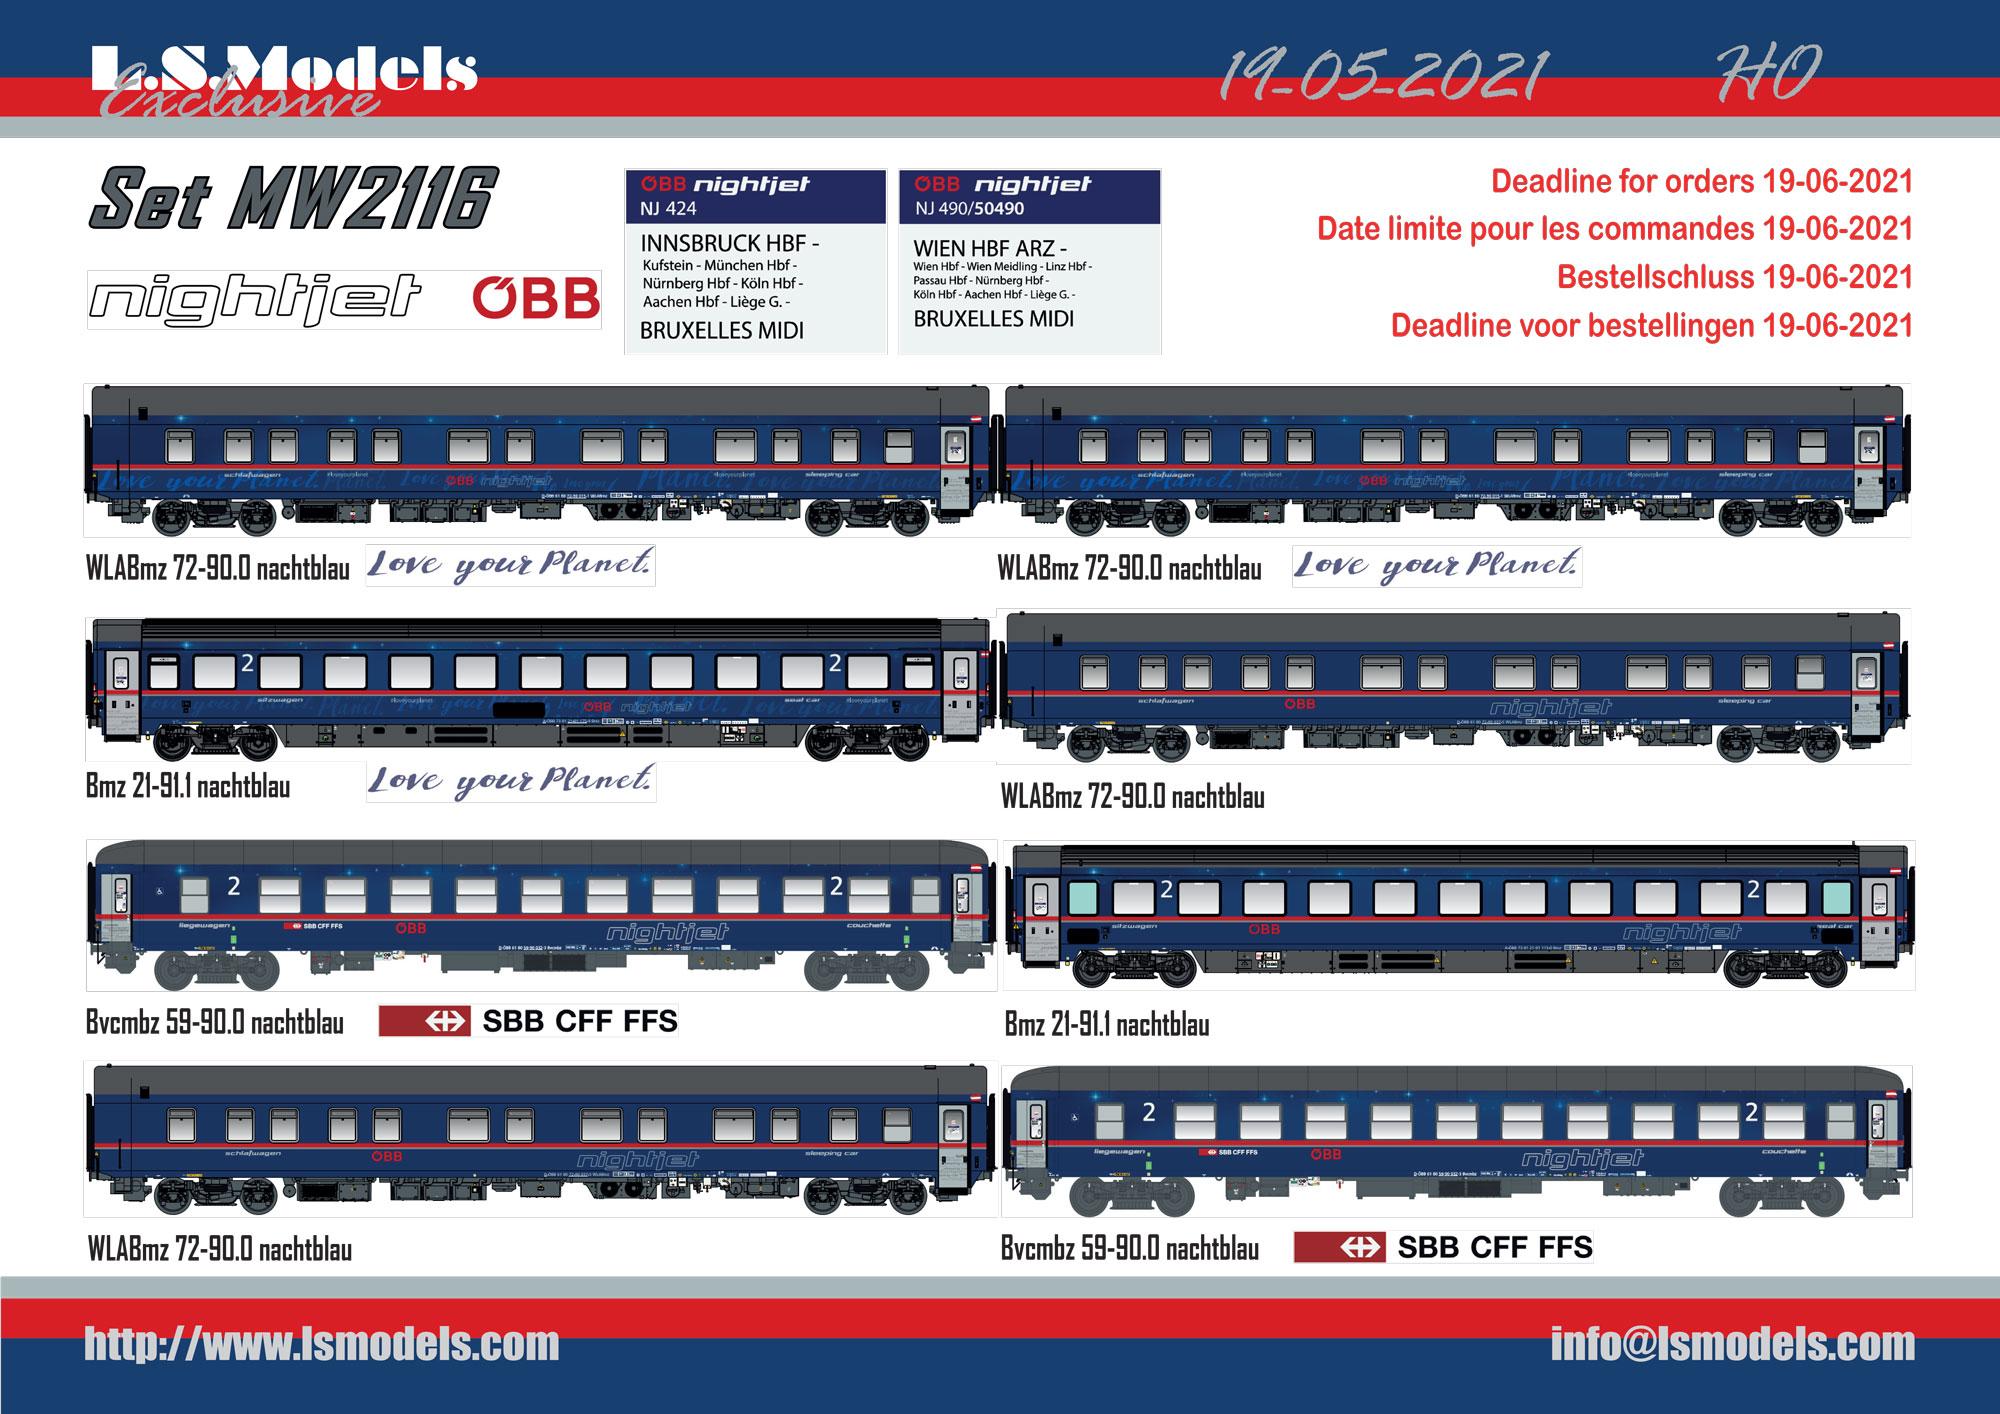 LS Models - ÖBB / SBB CFF FFS - Nightjet